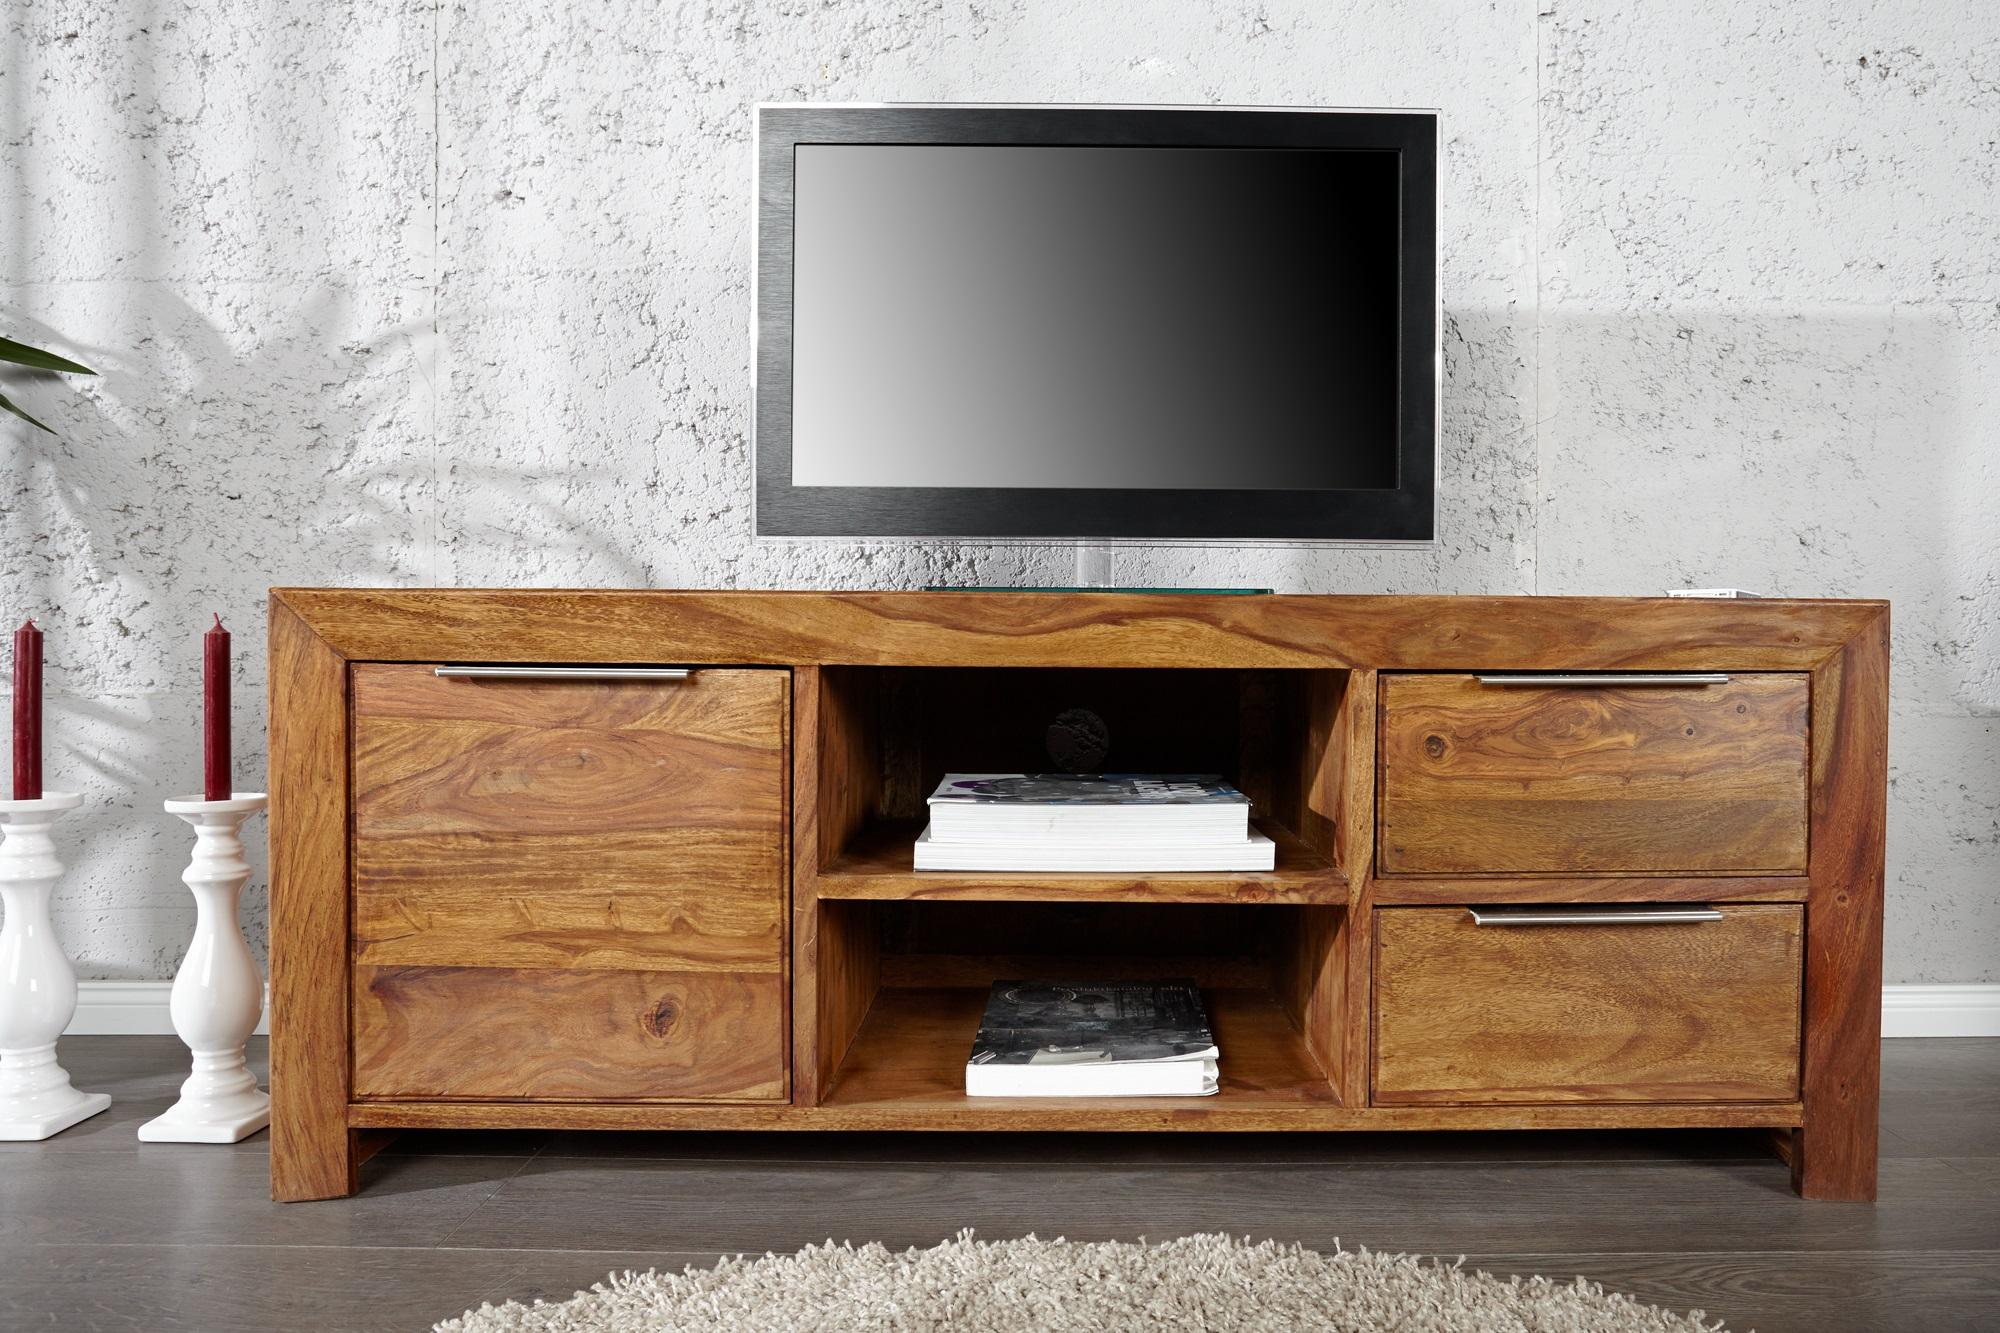 Tv dressoir gemaakt van teak hout voorzien van deuren en